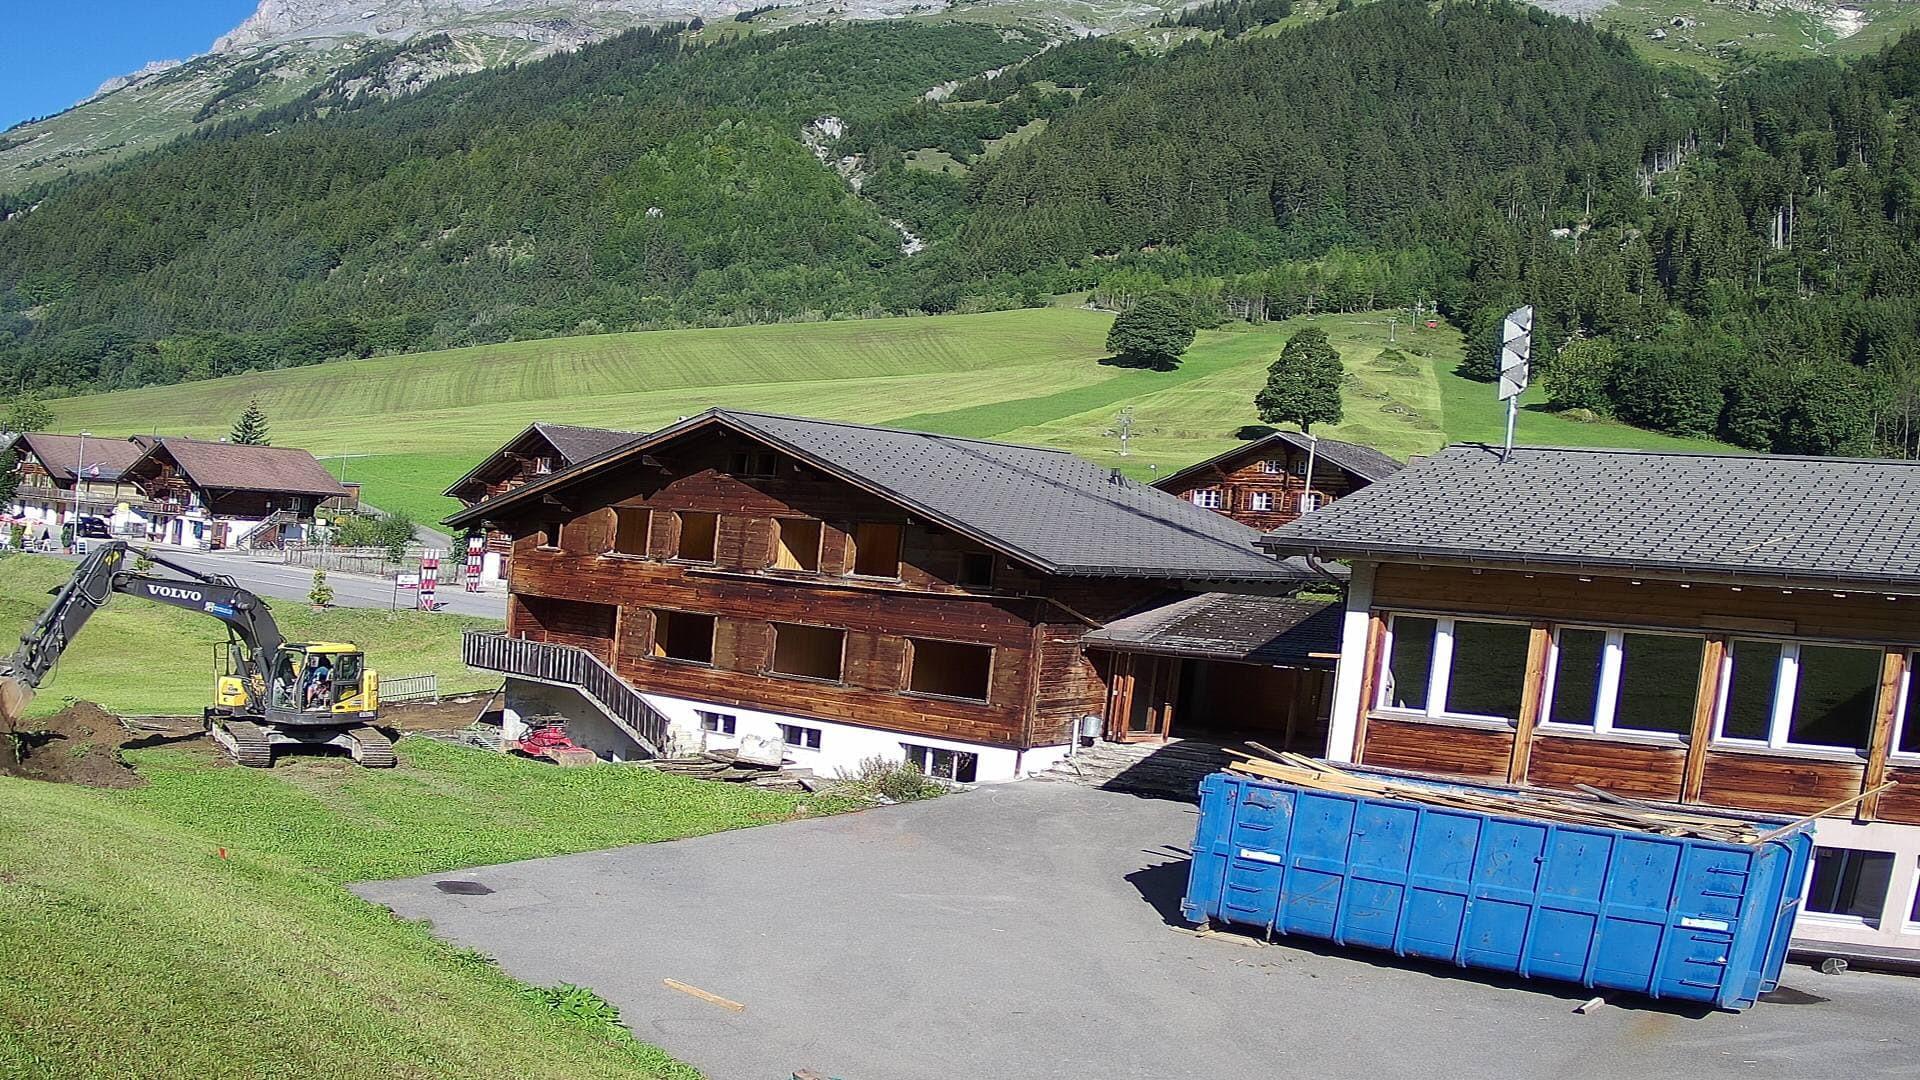 WebCam der Gadmer Lodge